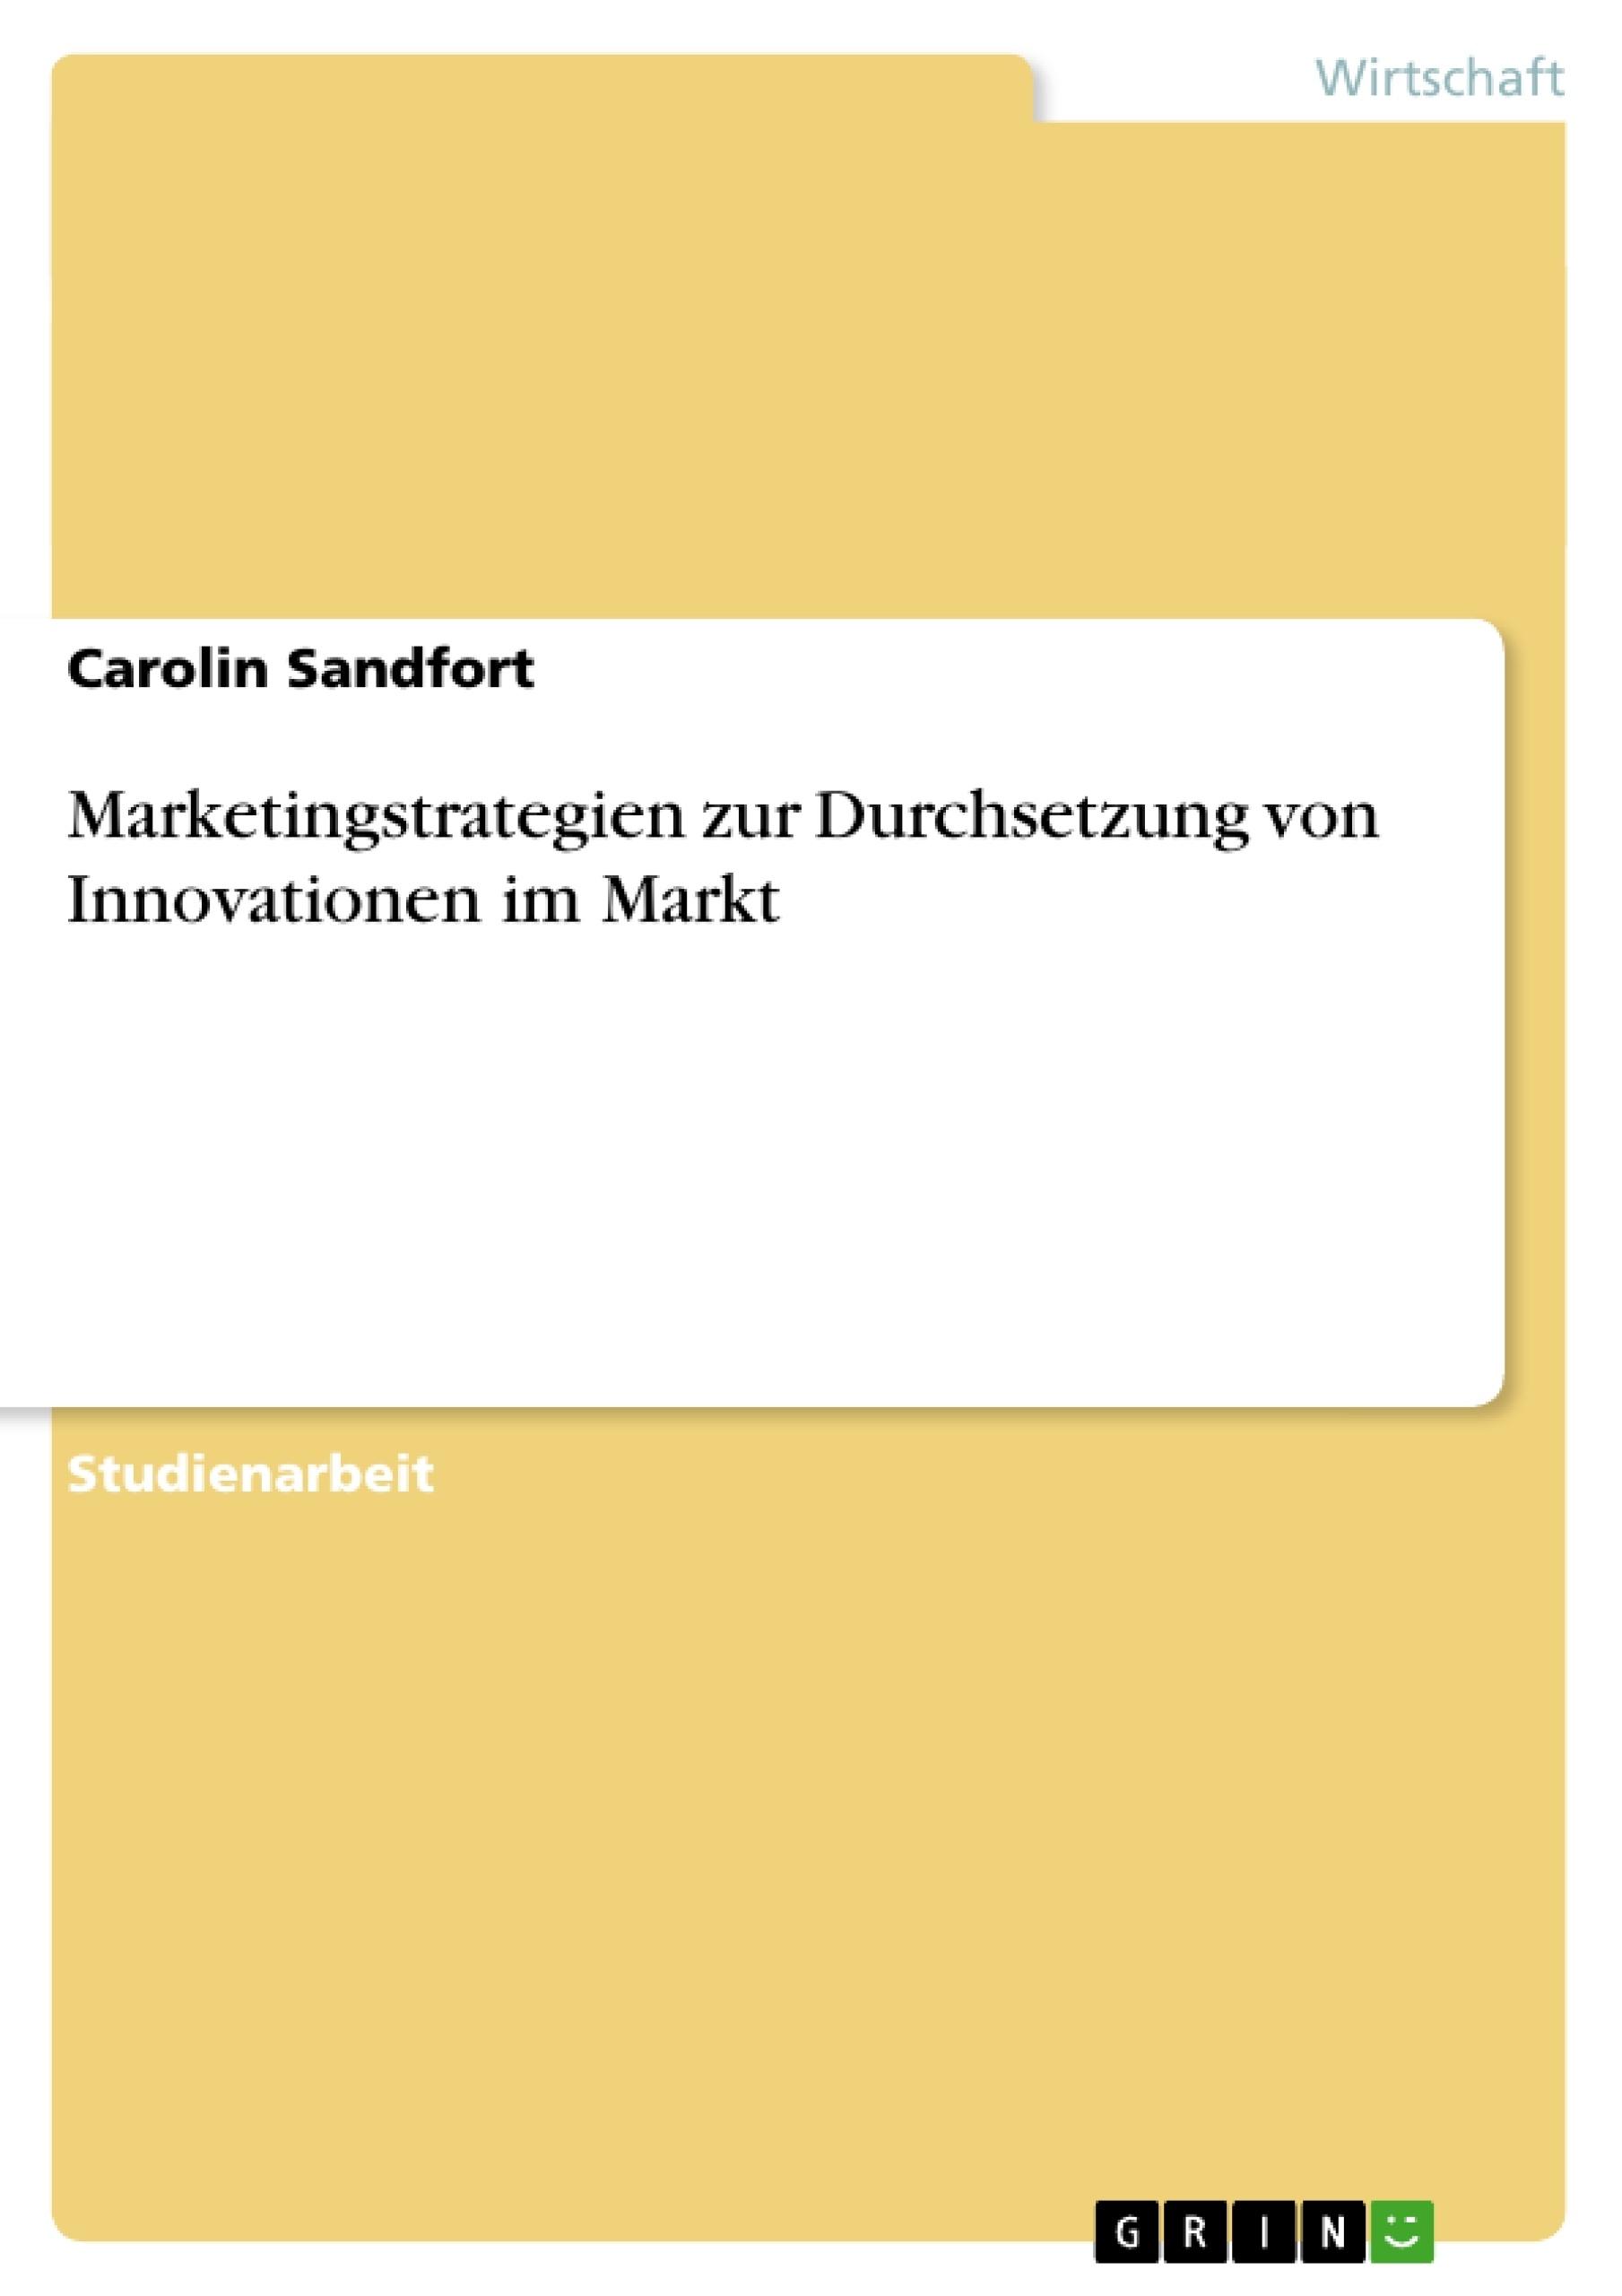 Titel: Marketingstrategien zur Durchsetzung von Innovationen im Markt